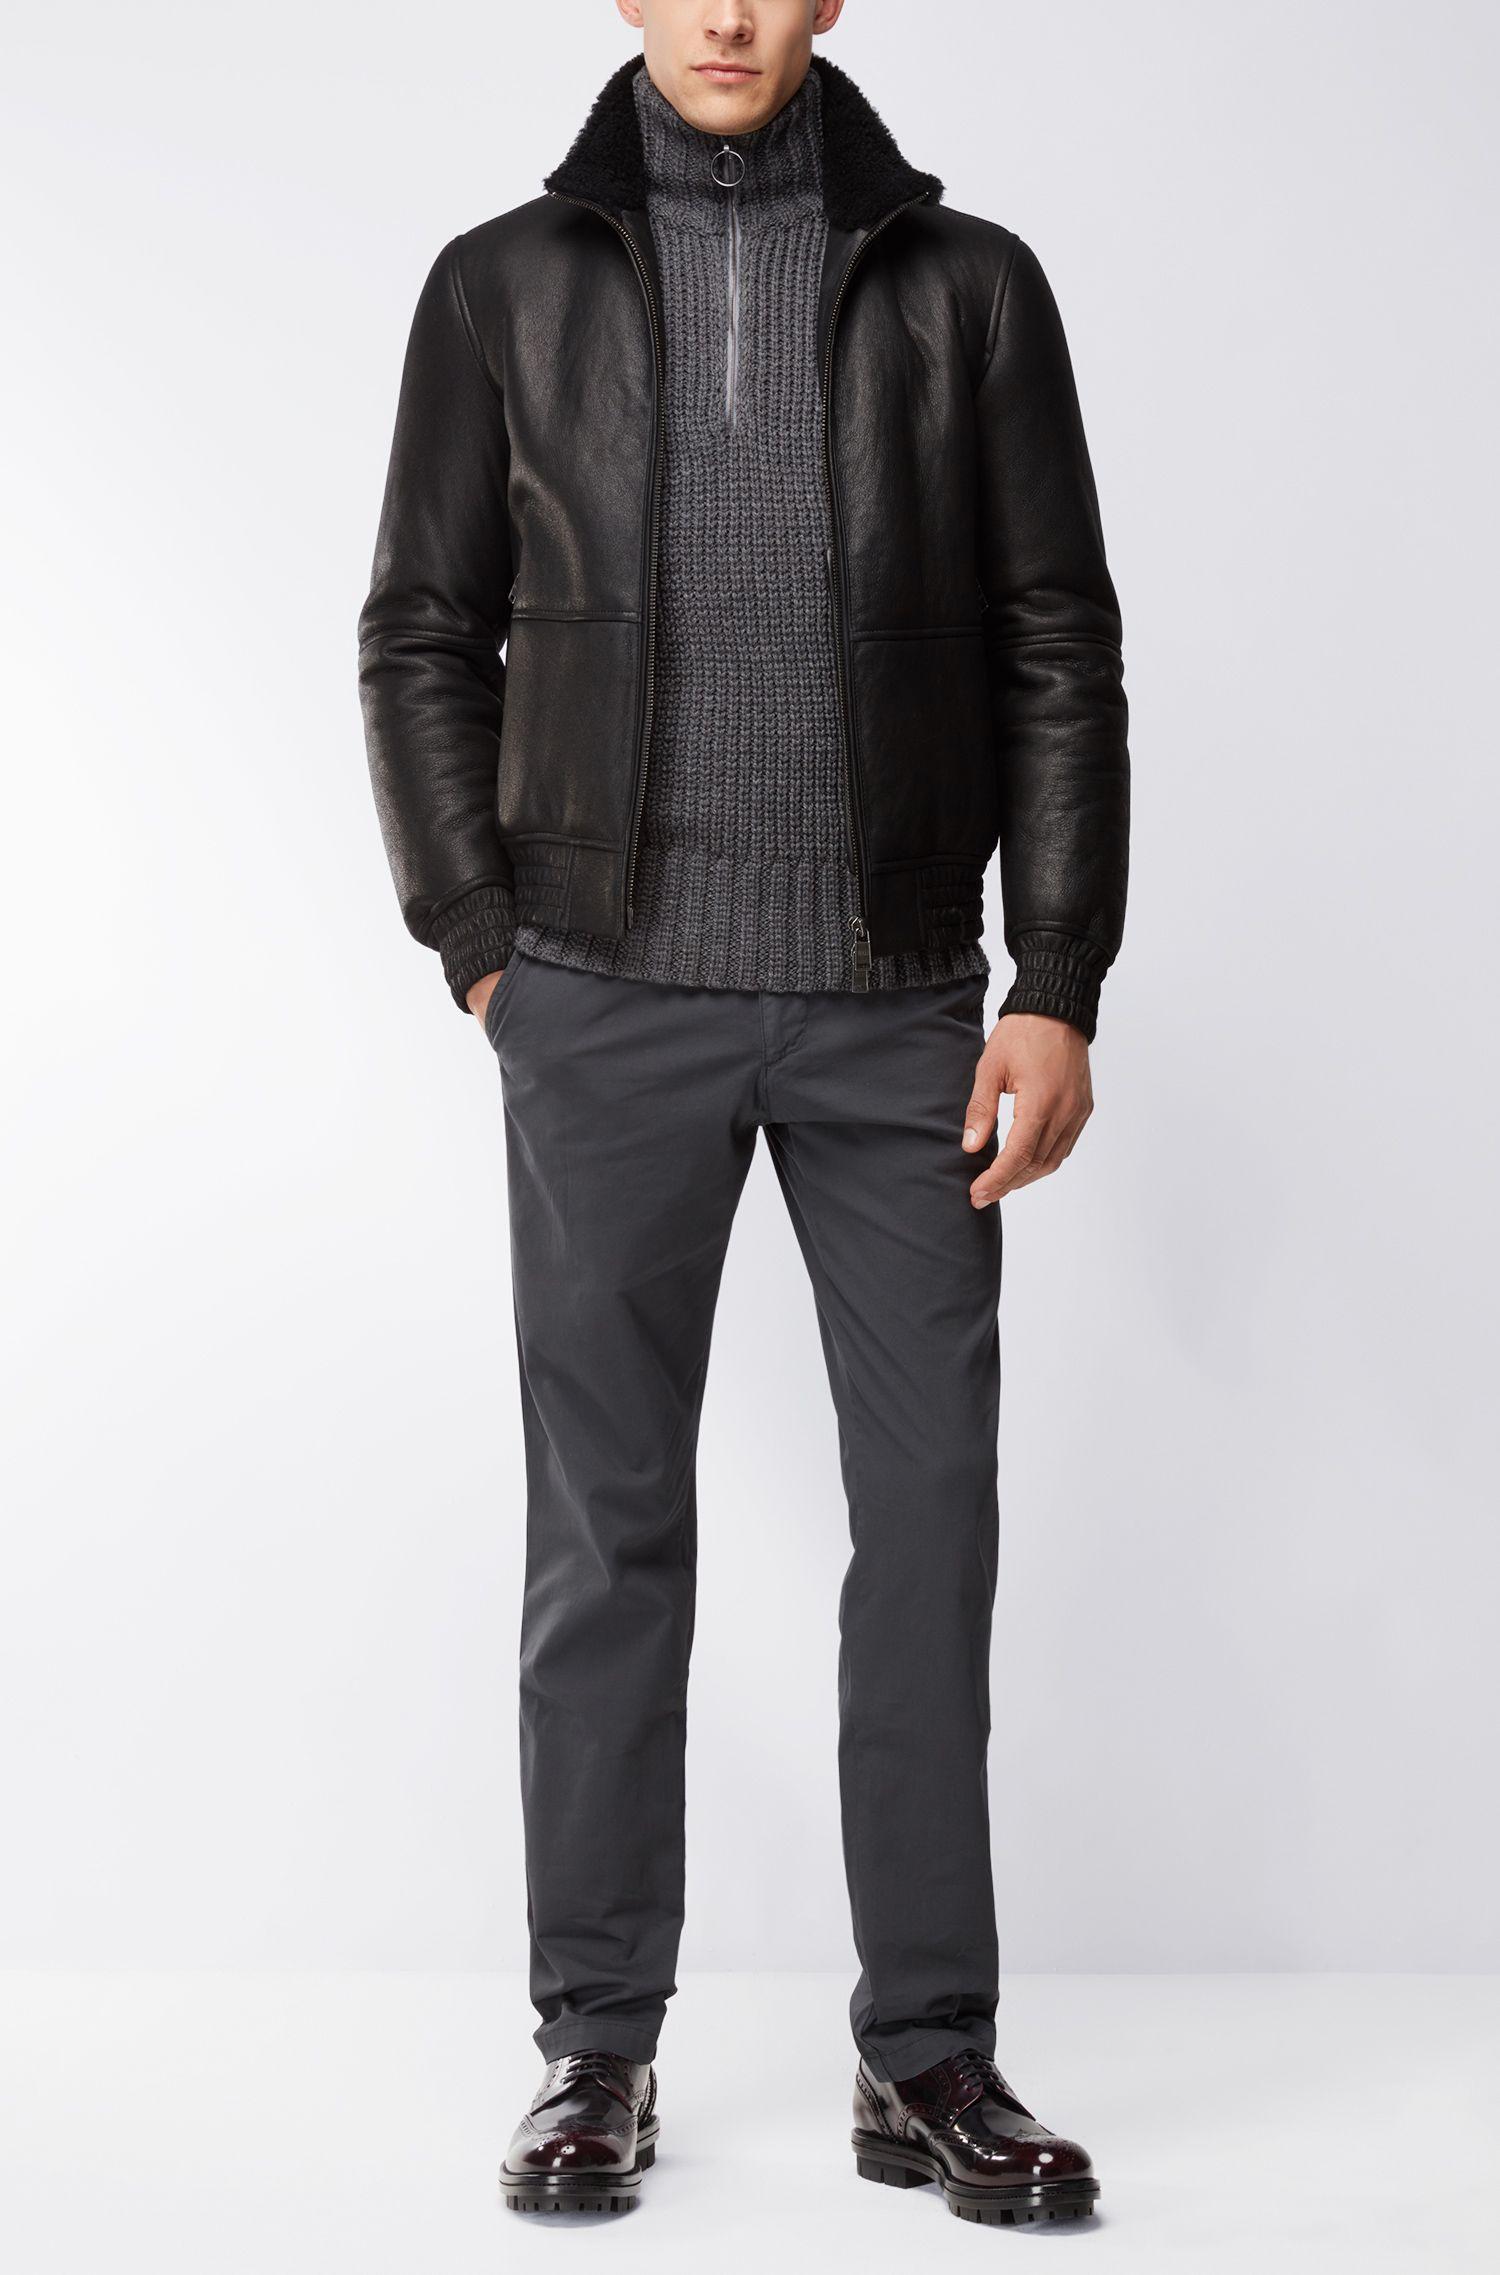 Virgin Wool Cable-Knit Sweater | Sherlock AM